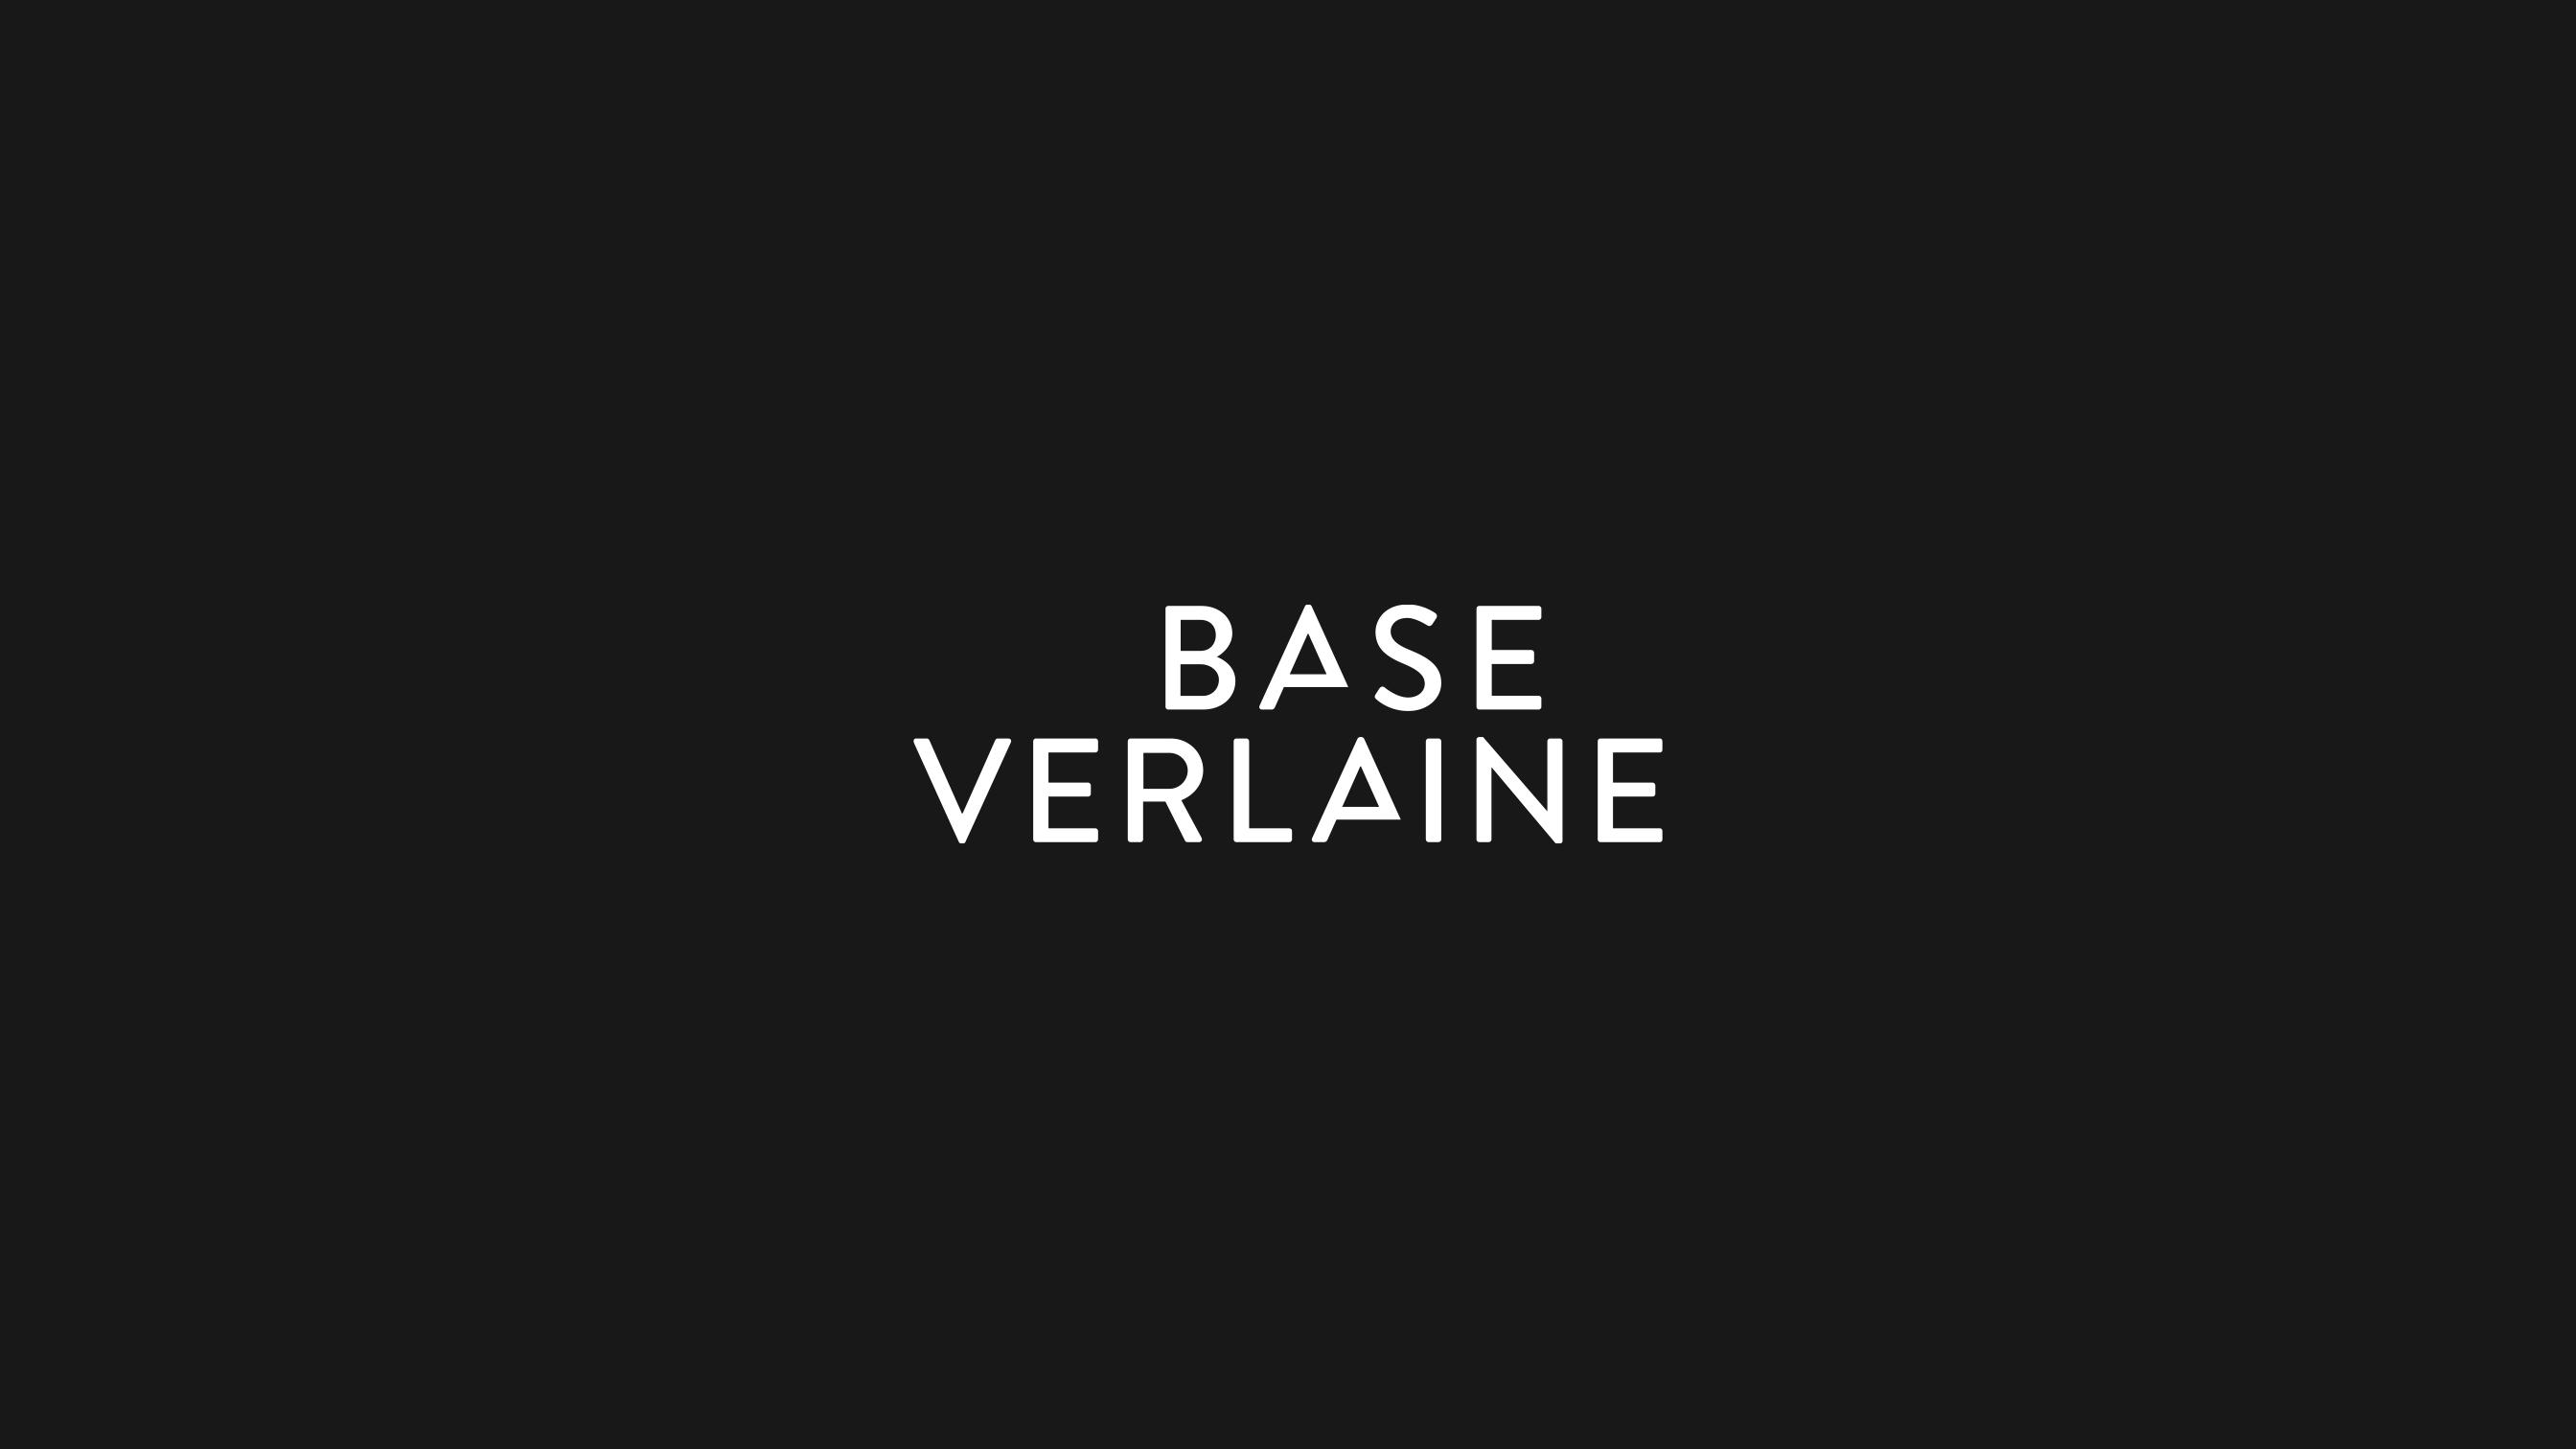 showcase-logotype-base-verlaine